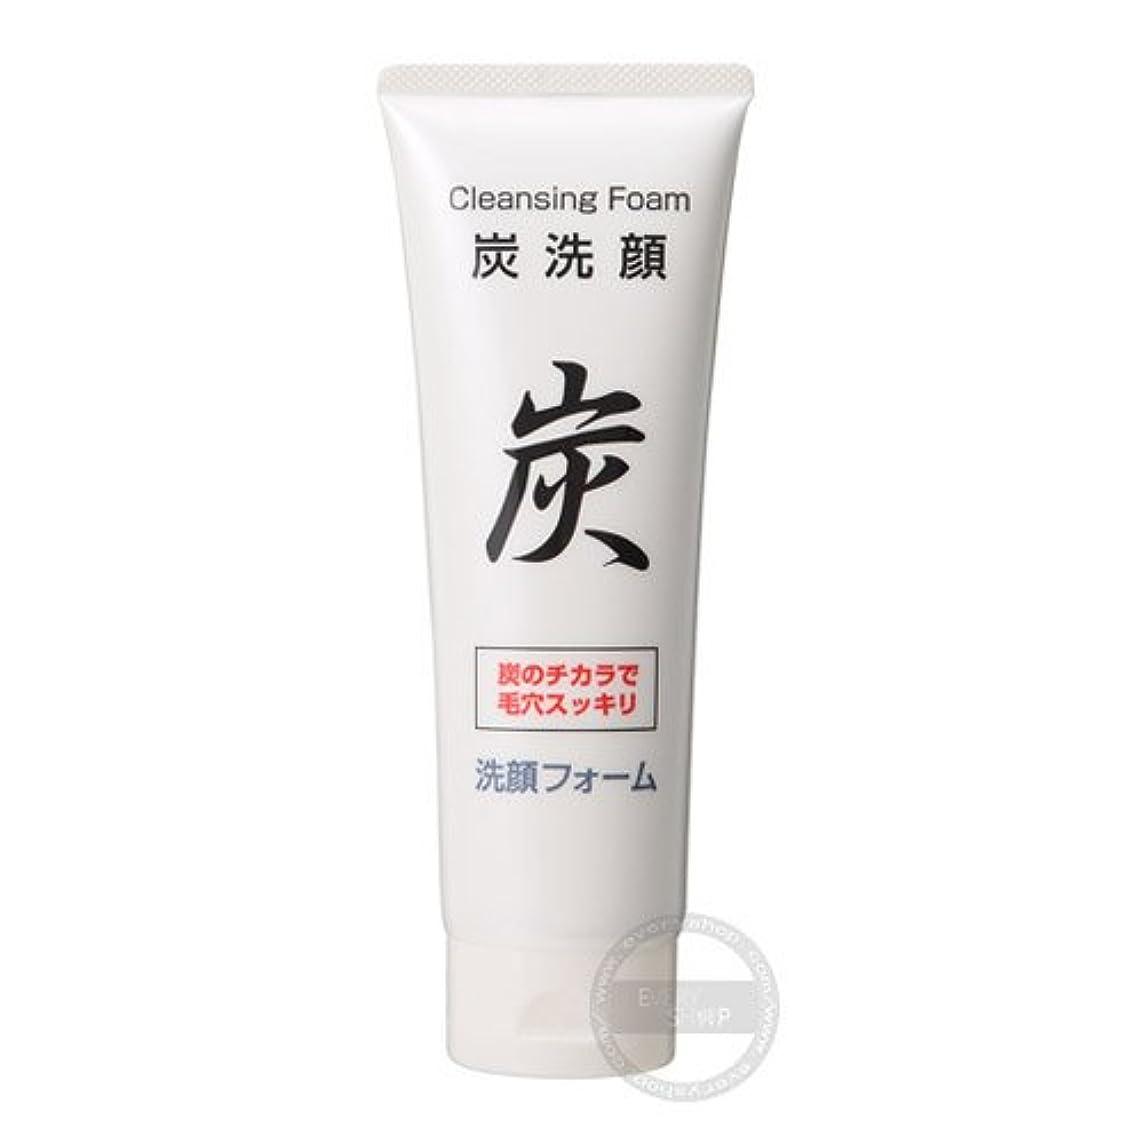 エラー華氏式炭洗顔 洗顔フォーム‐KH544725